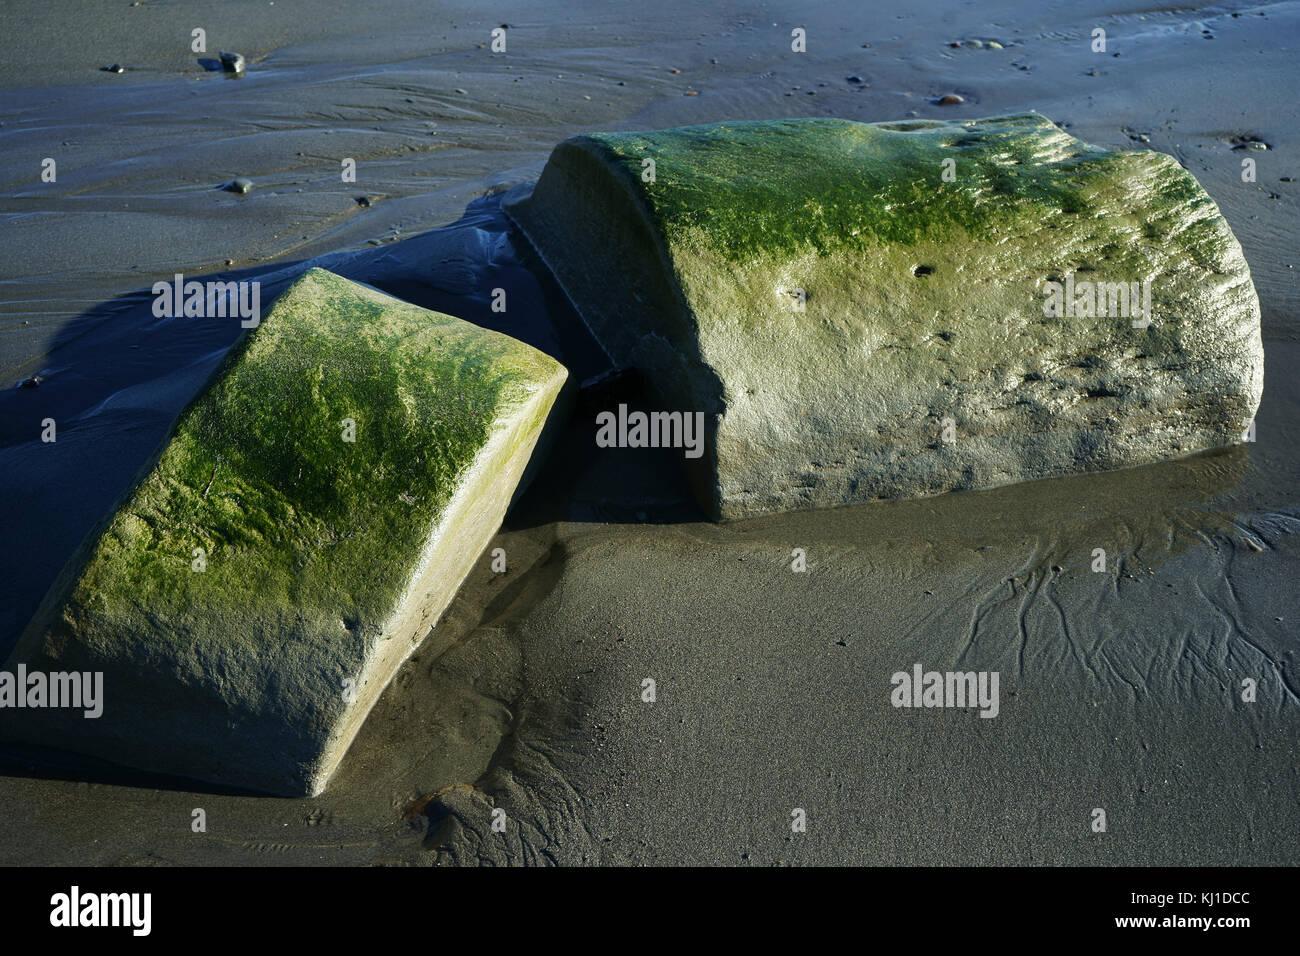 Rocher rond allongé divisé sur la plage de sable à marée de Cook Inlet, péninsule de Kenai, Alaska Banque D'Images